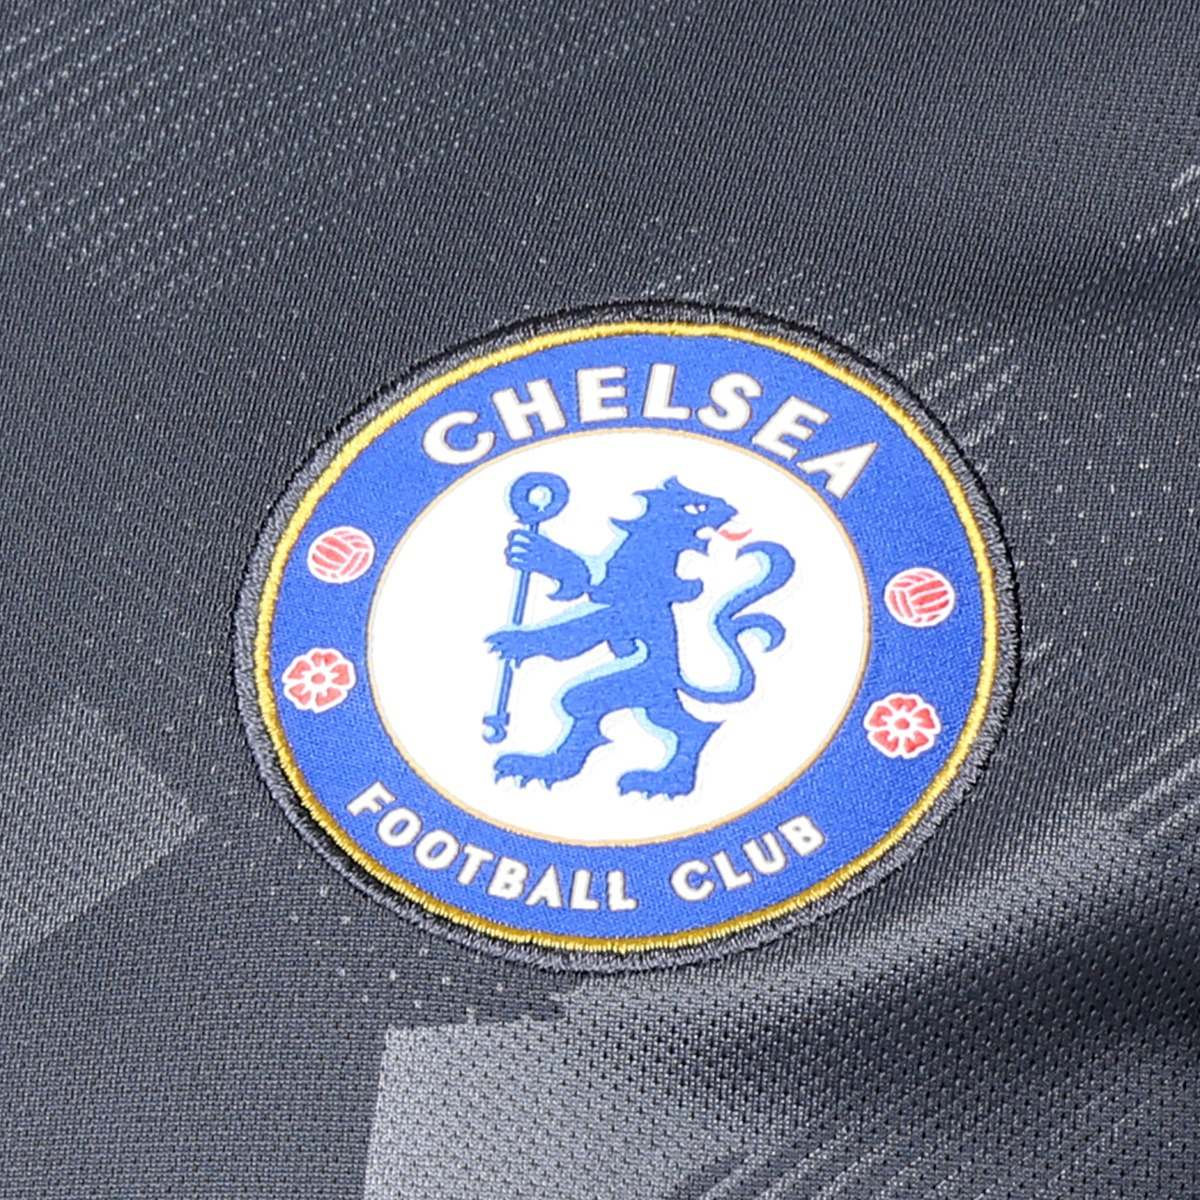 Camisa Chelsea Third 17 18 S n° - Torcedor Nike Masculina - R  119 ... 1861537a1db44